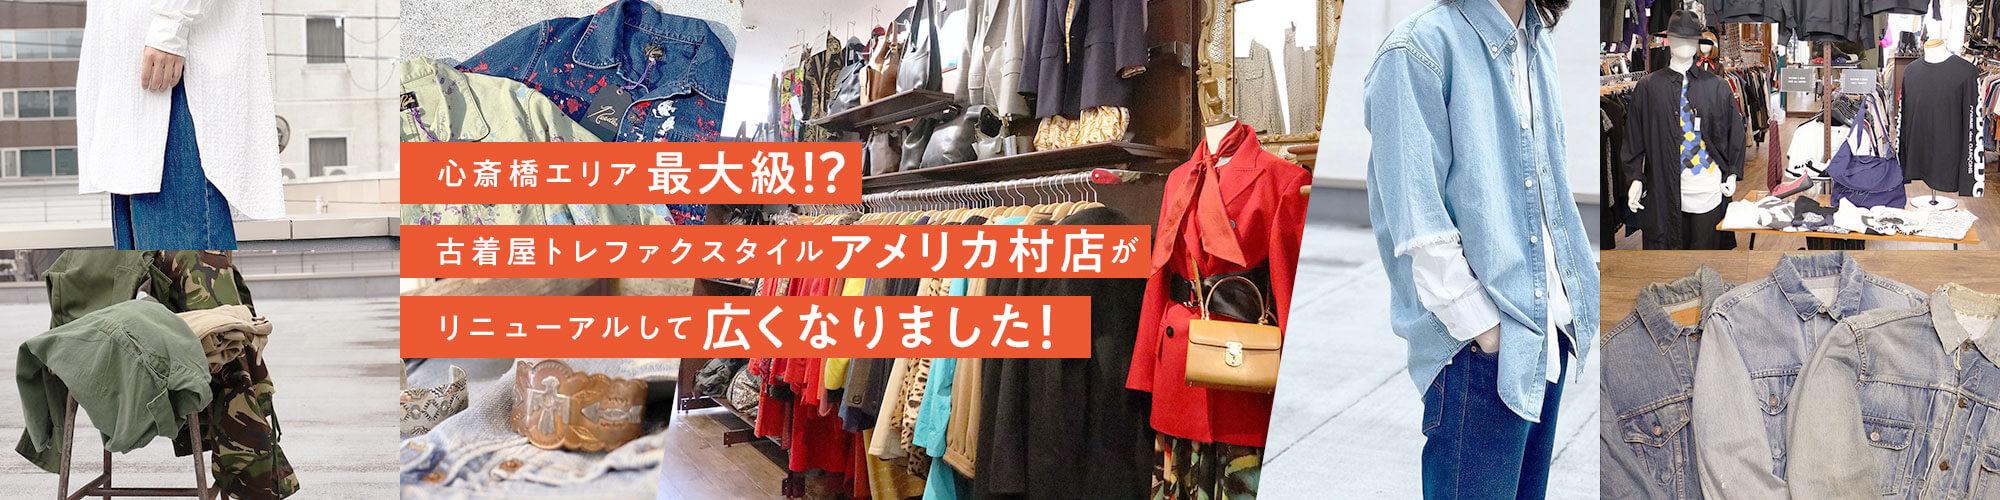 心斎橋エリア最大級!?古着屋トレファクスタイルアメリカ村店がリニューアルして広く!